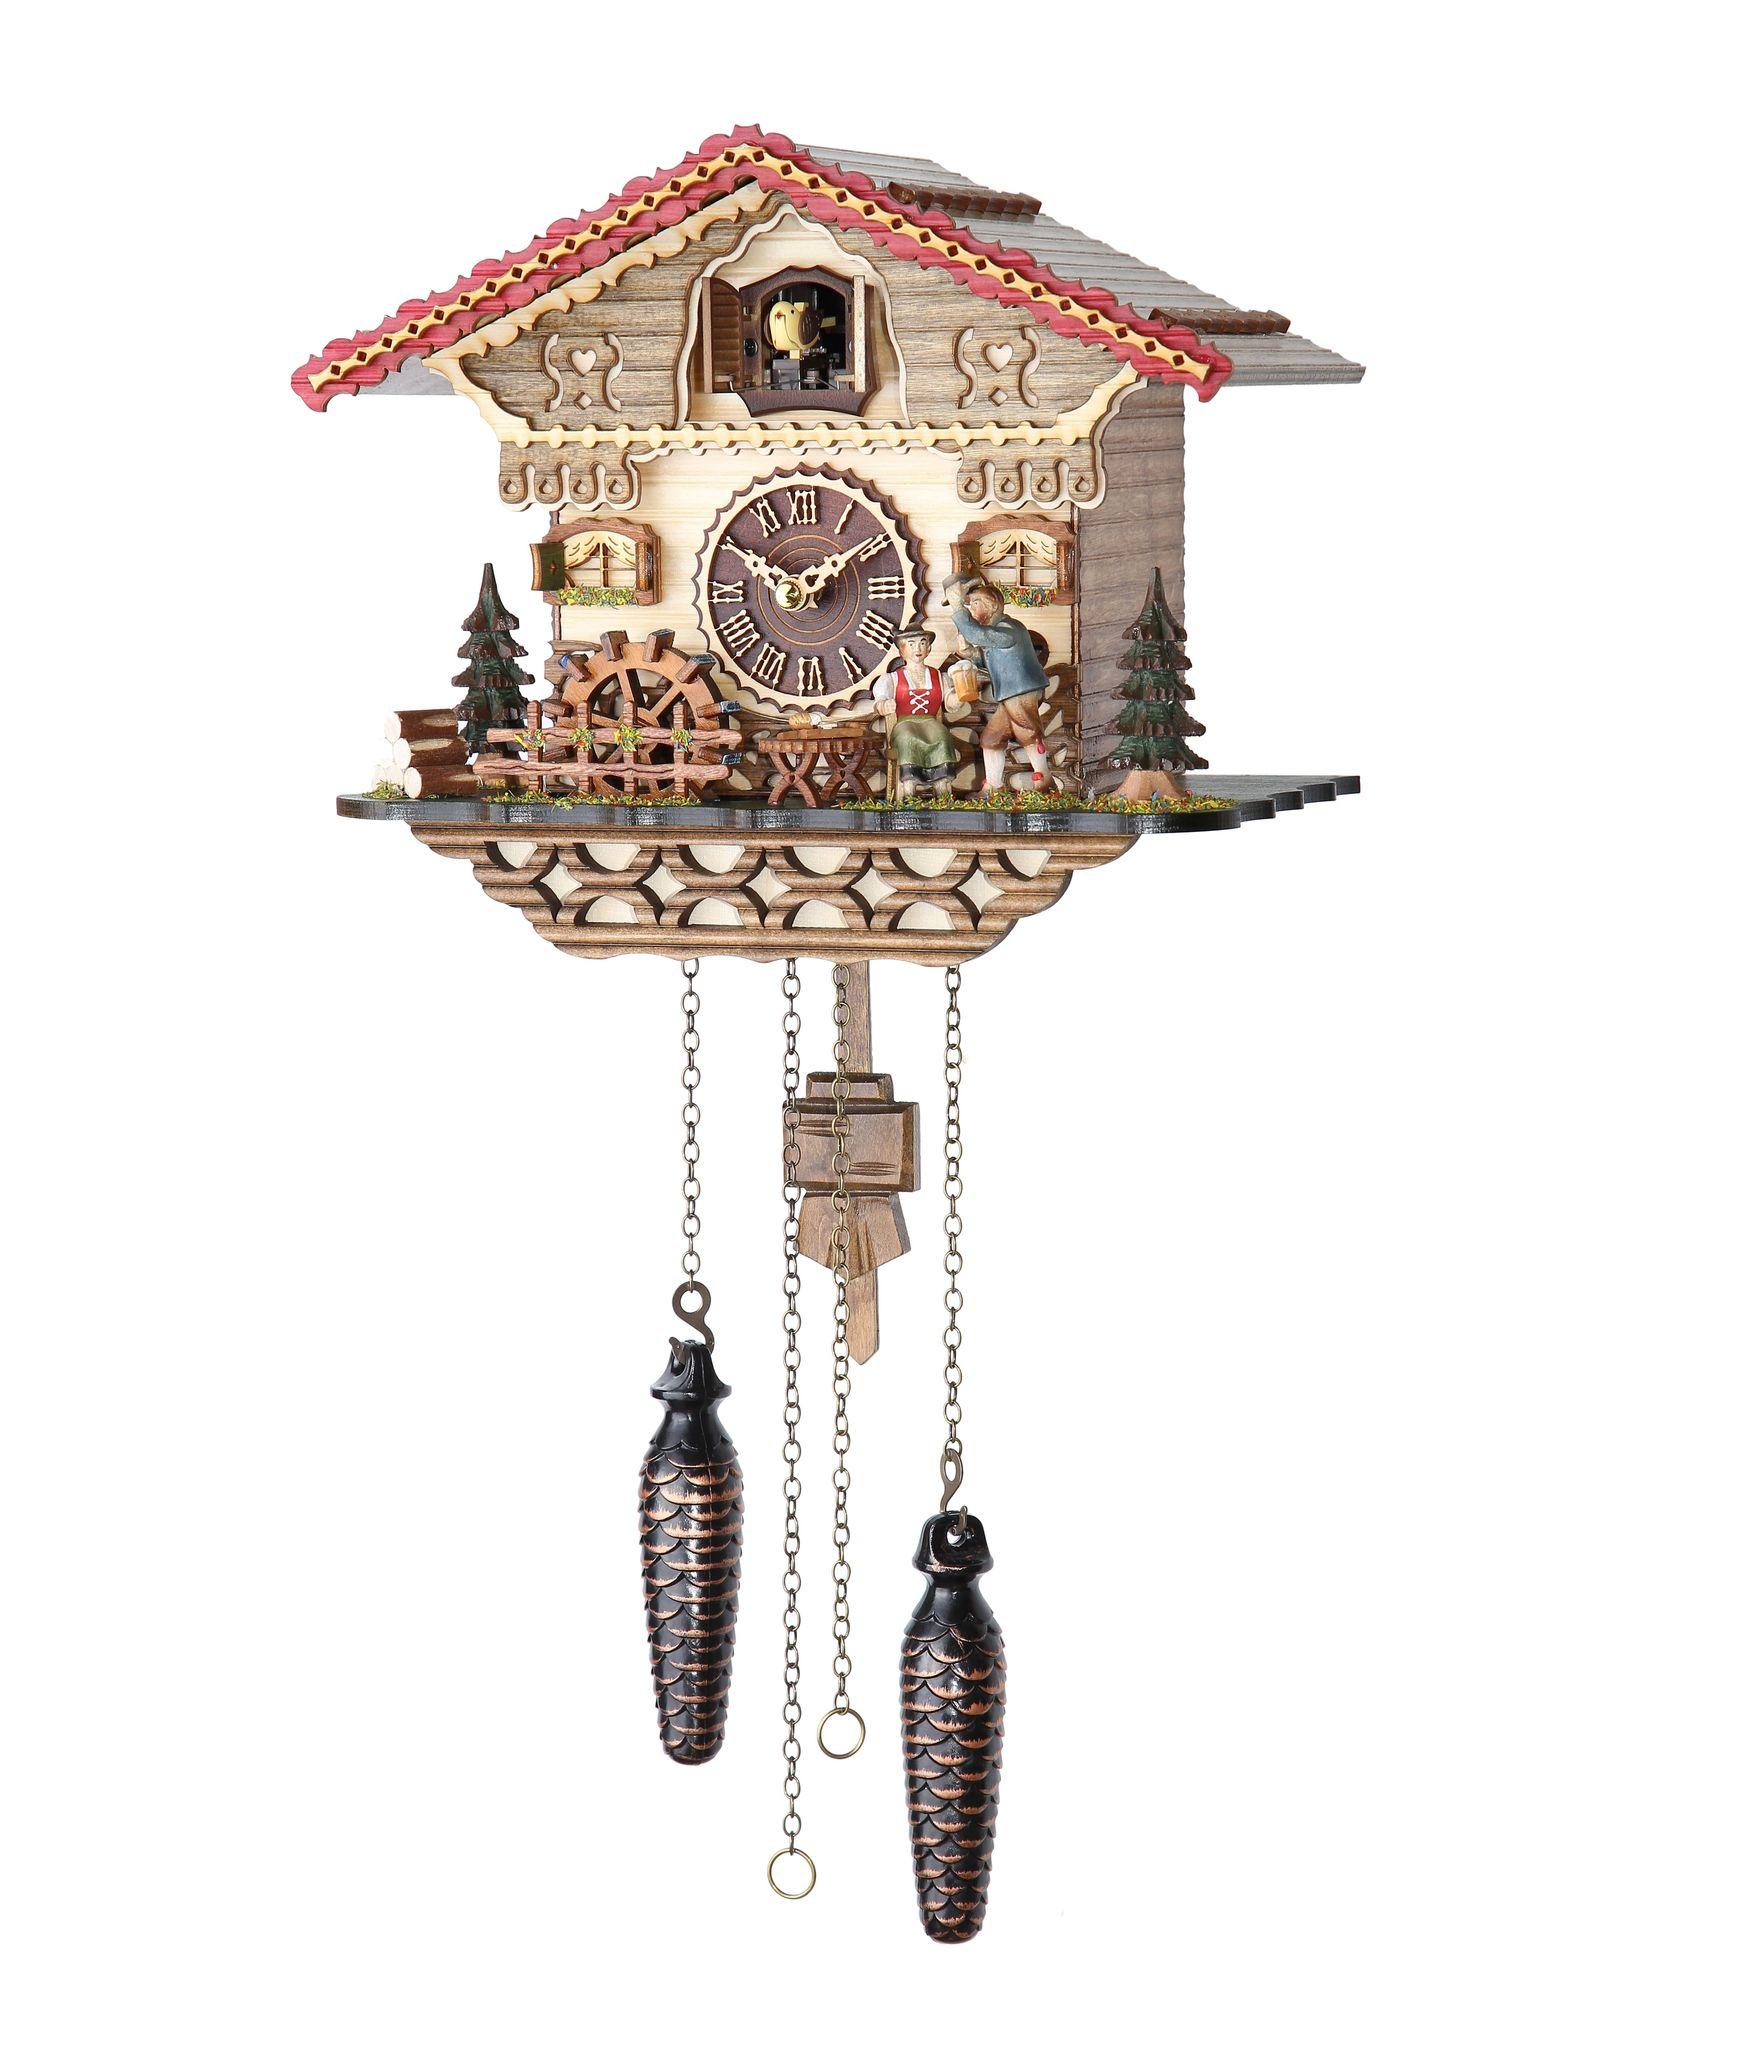 Часы настенные Часы настенные с кукушкой Trenkle 4222 QM chasy-nastennye-s-kukushkoy-trenkle-4222-qm-germaniya.jpg